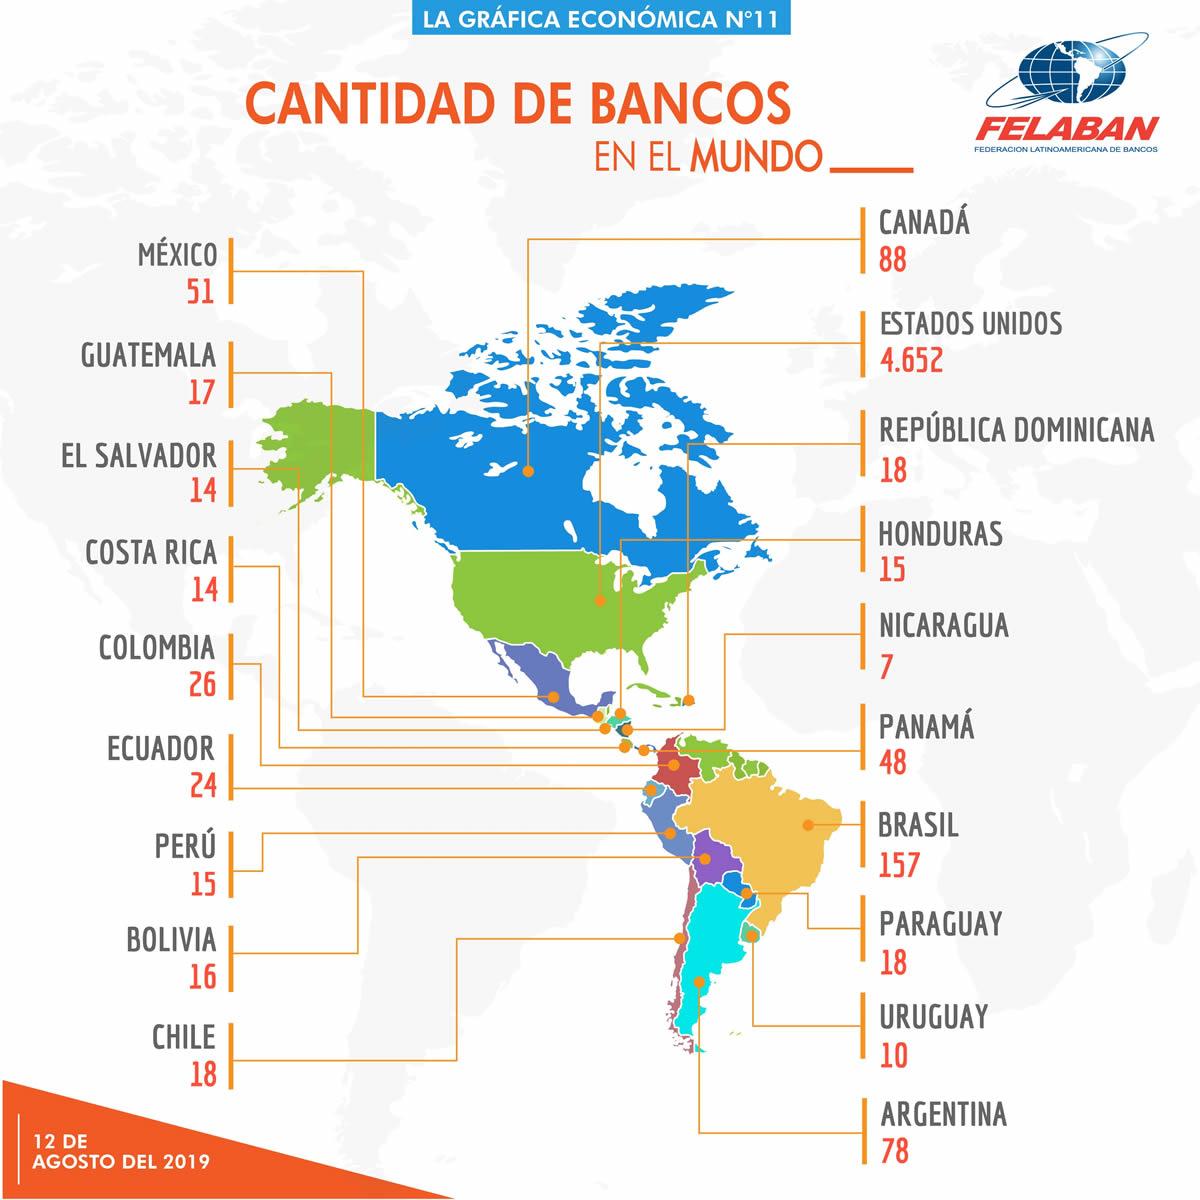 Gráfica Económica Nro 11-1 - ¿Cuántos bancos hay en América Latina y en otras regiones del mundo?